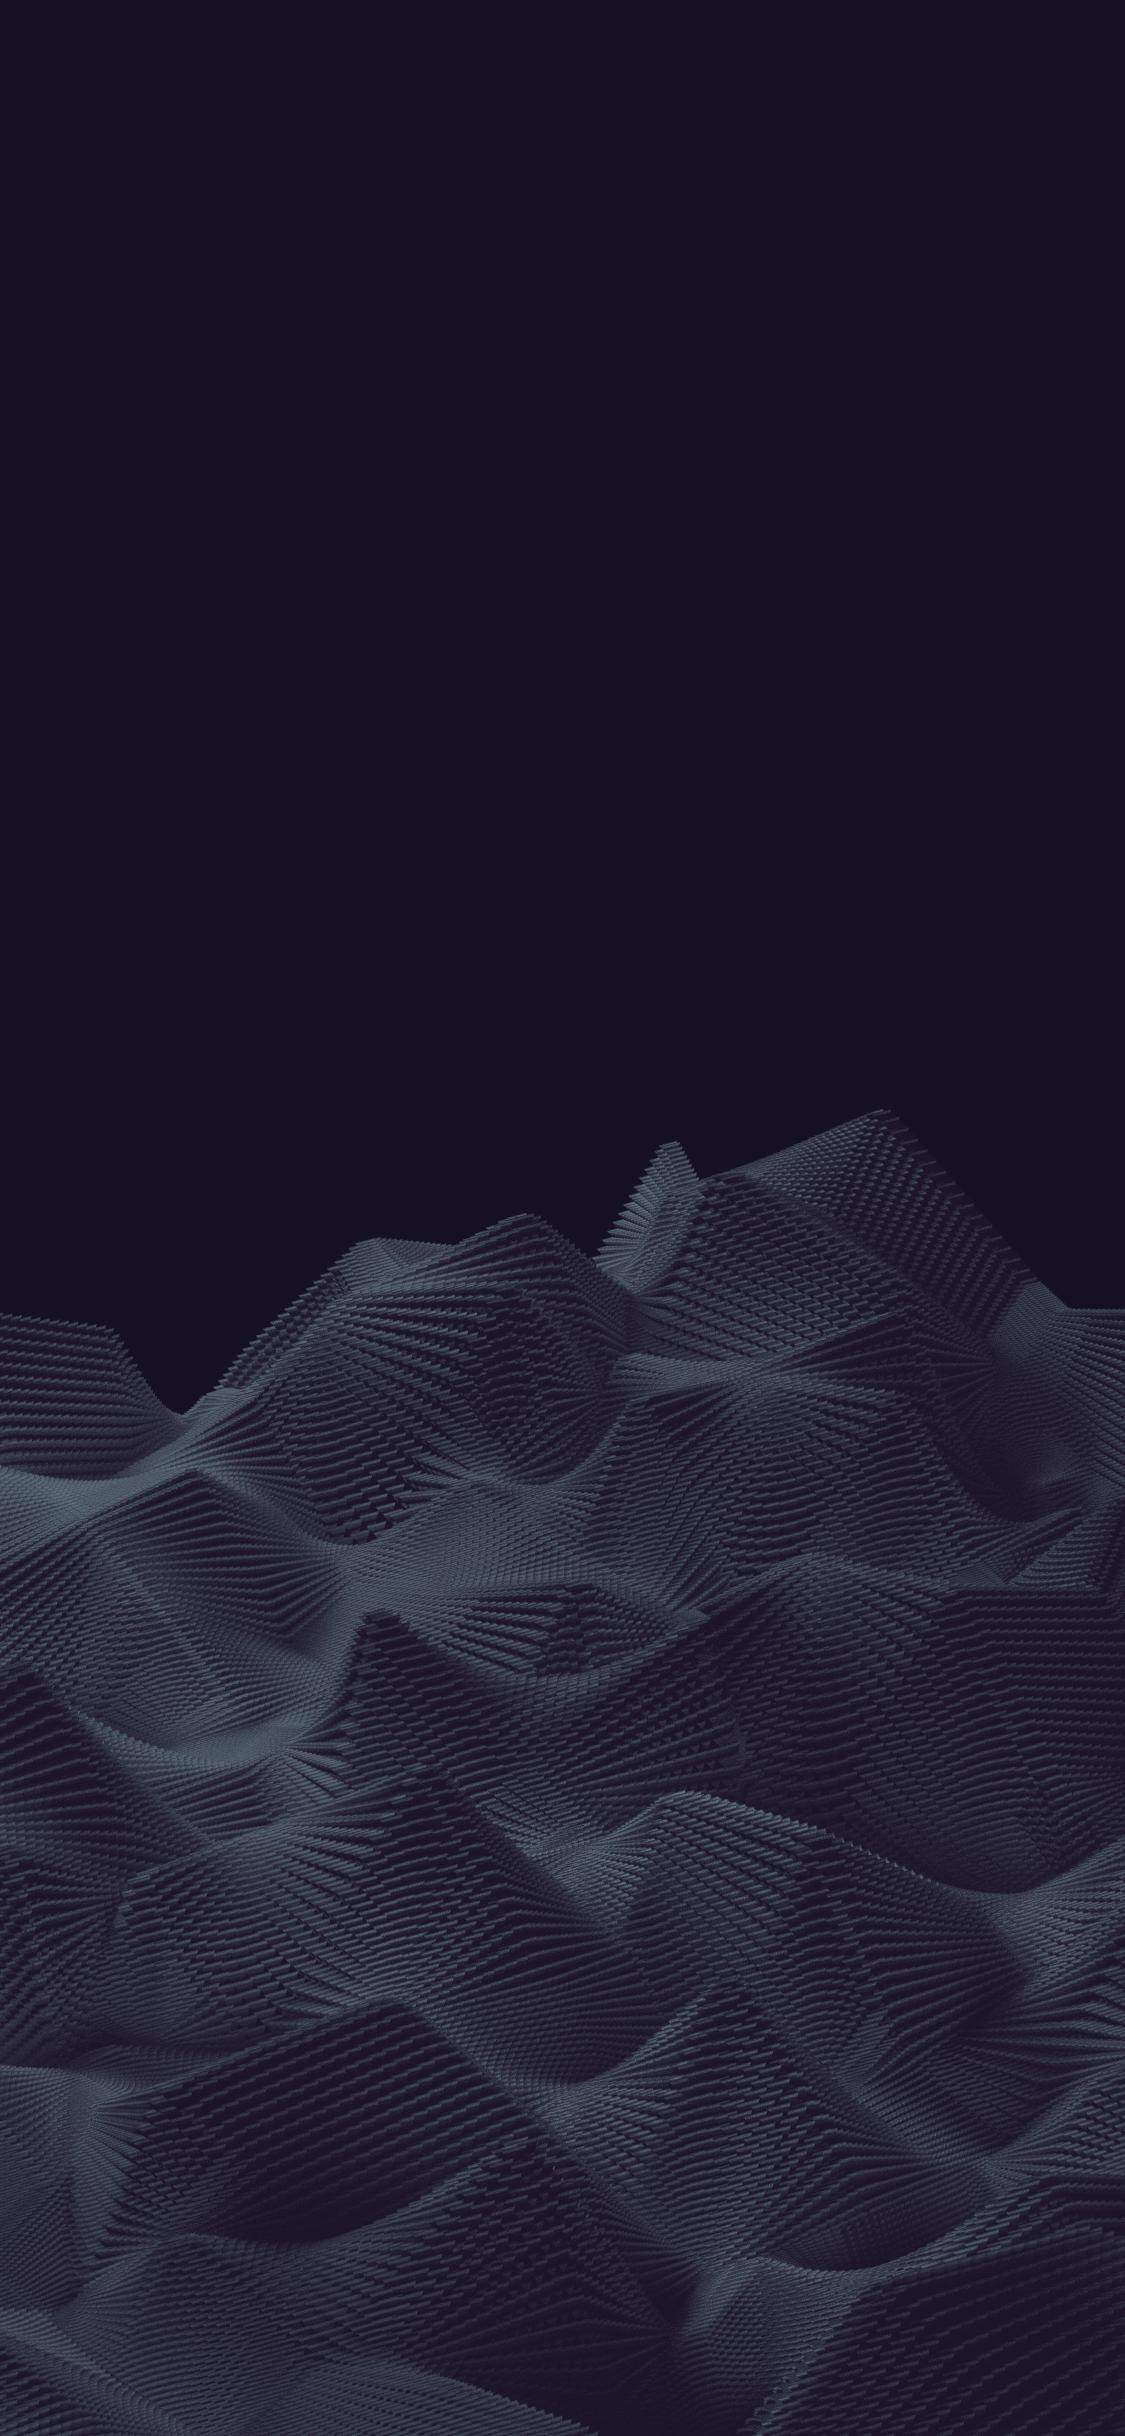 Mountains dark